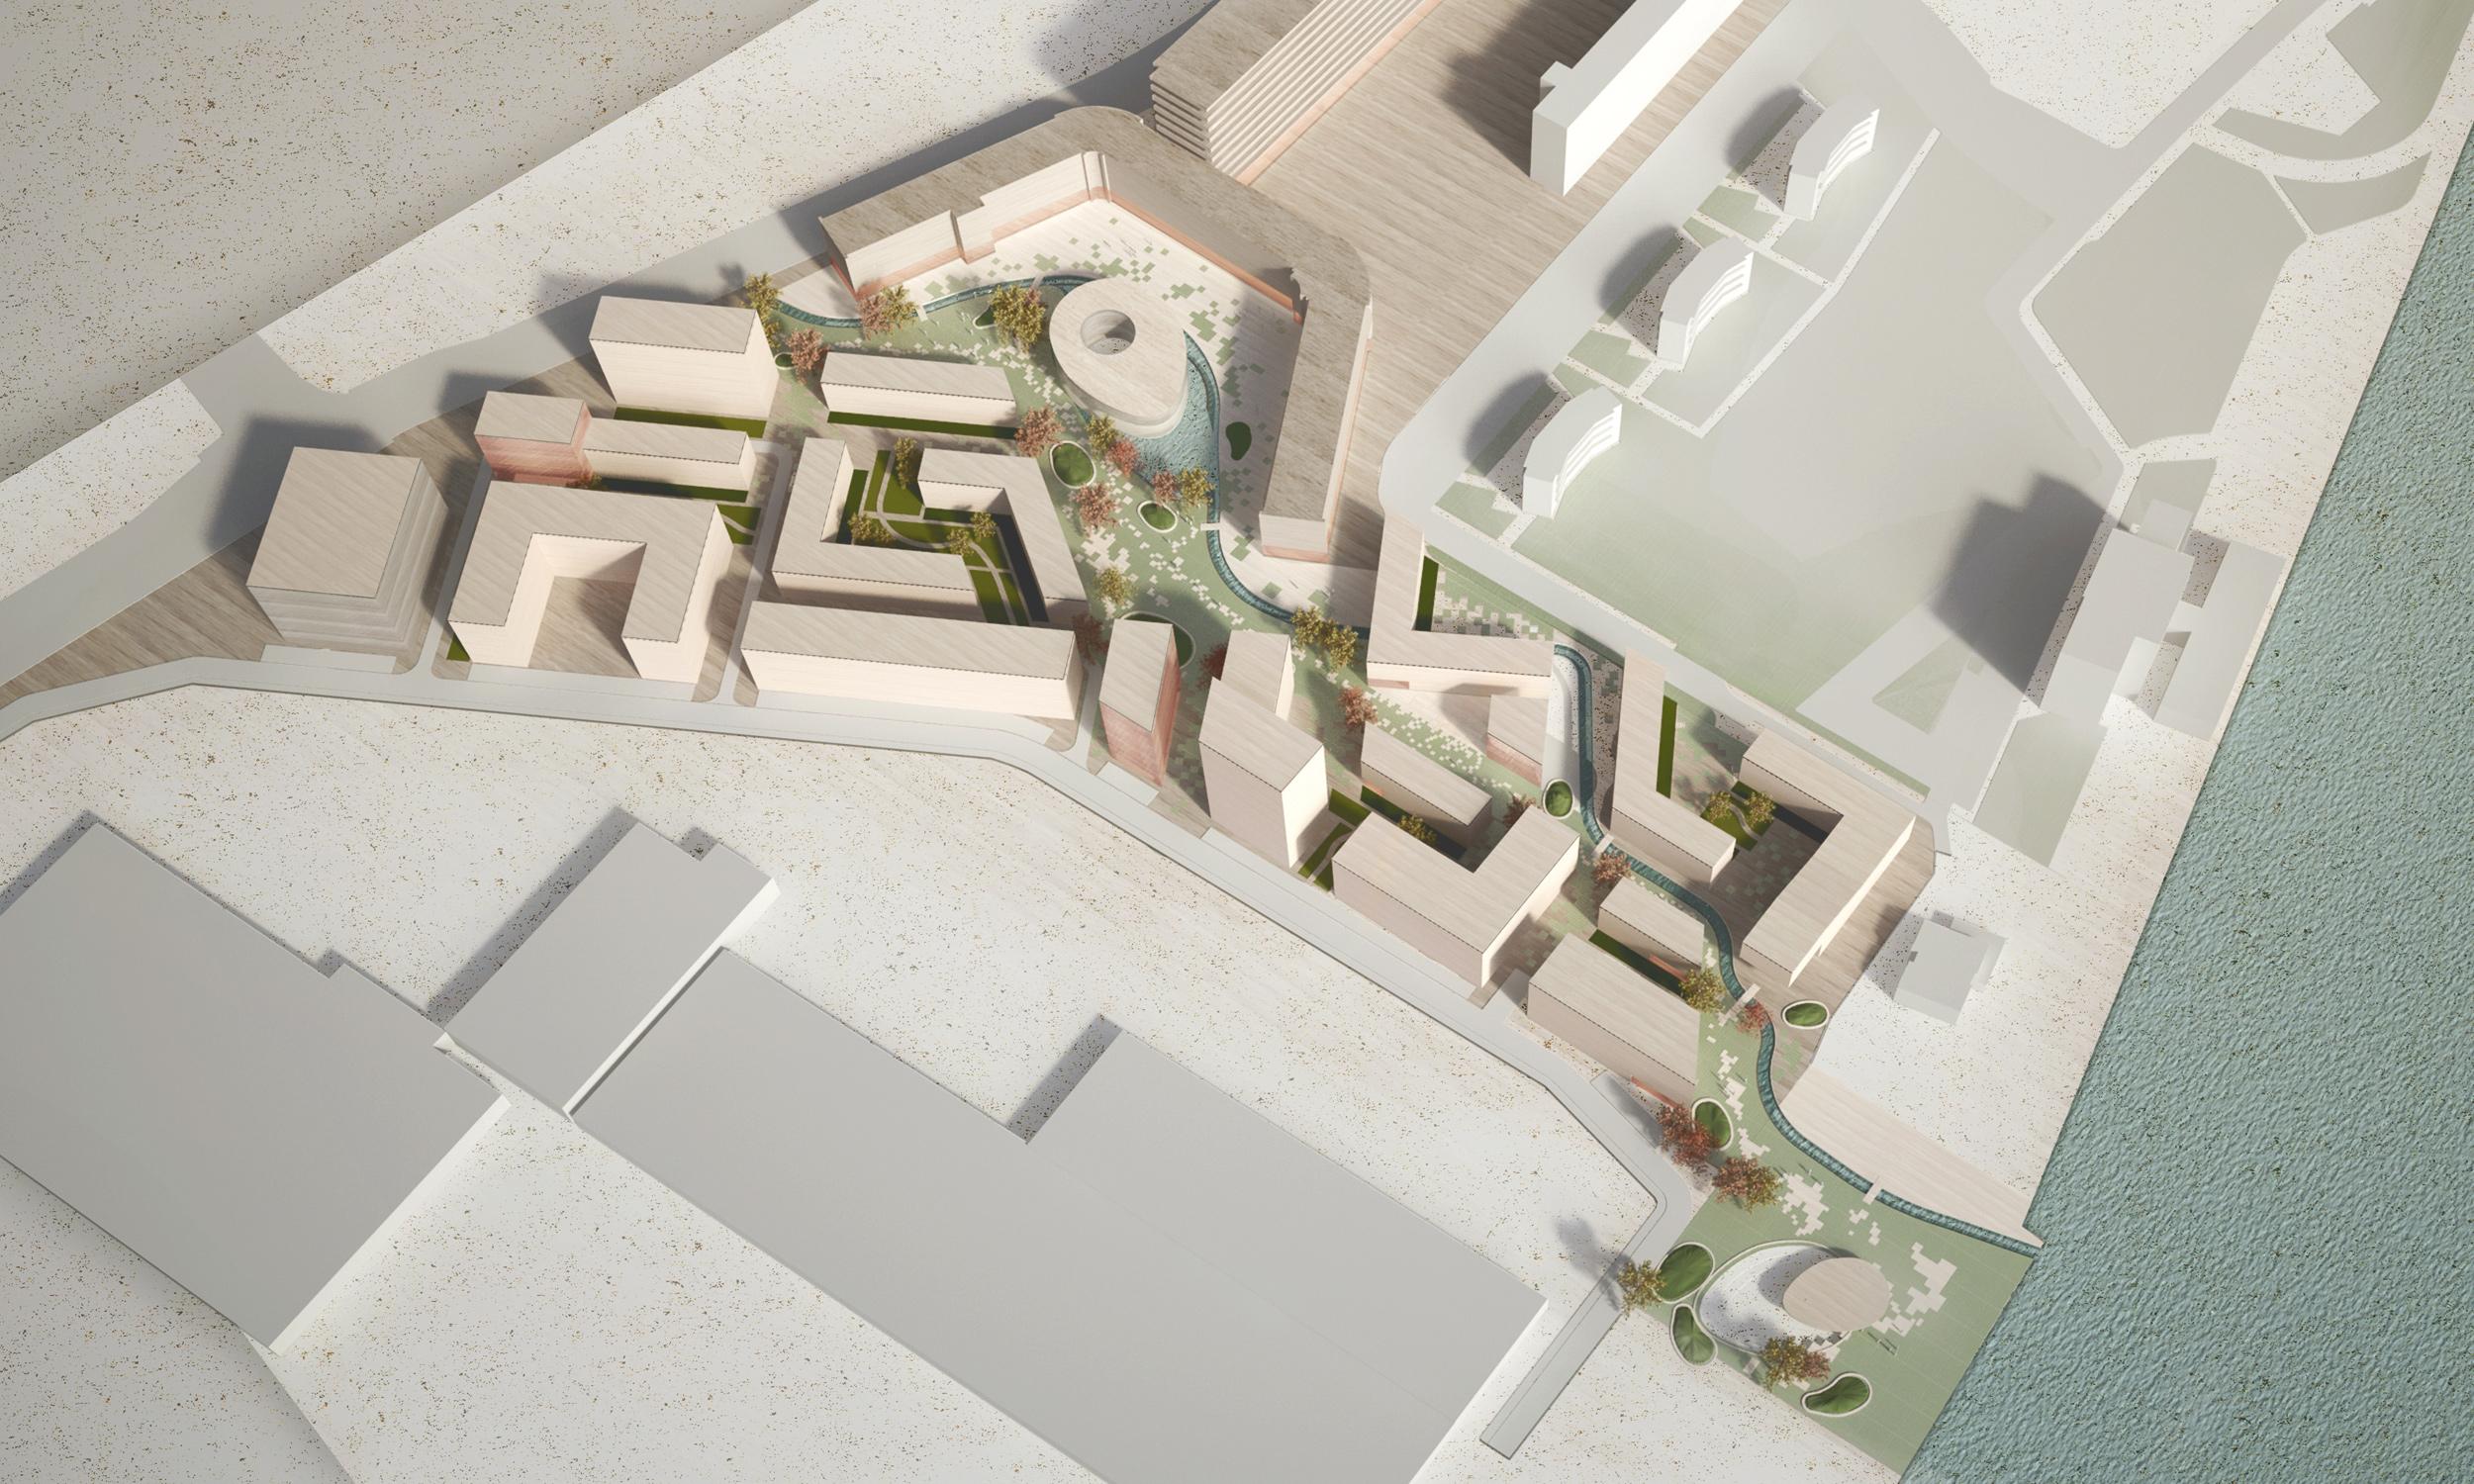 beeld3_aerial-view-3.jpg